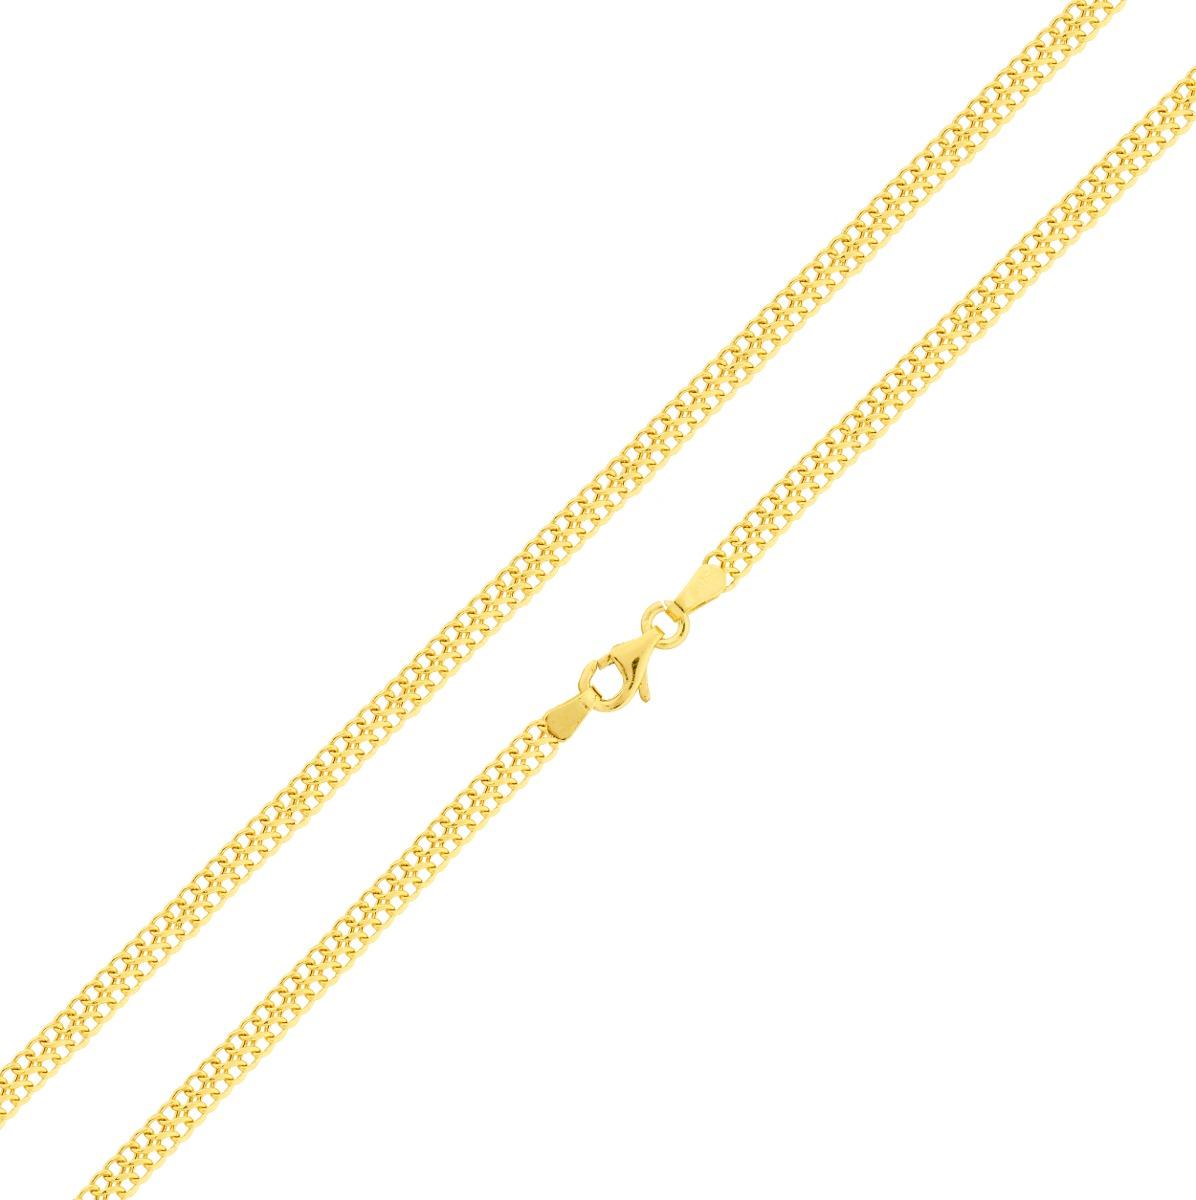 Corrente De Ouro 18k Feminina Malha Lacraia 45cm - R  782,40 em ... a509c7ec2a